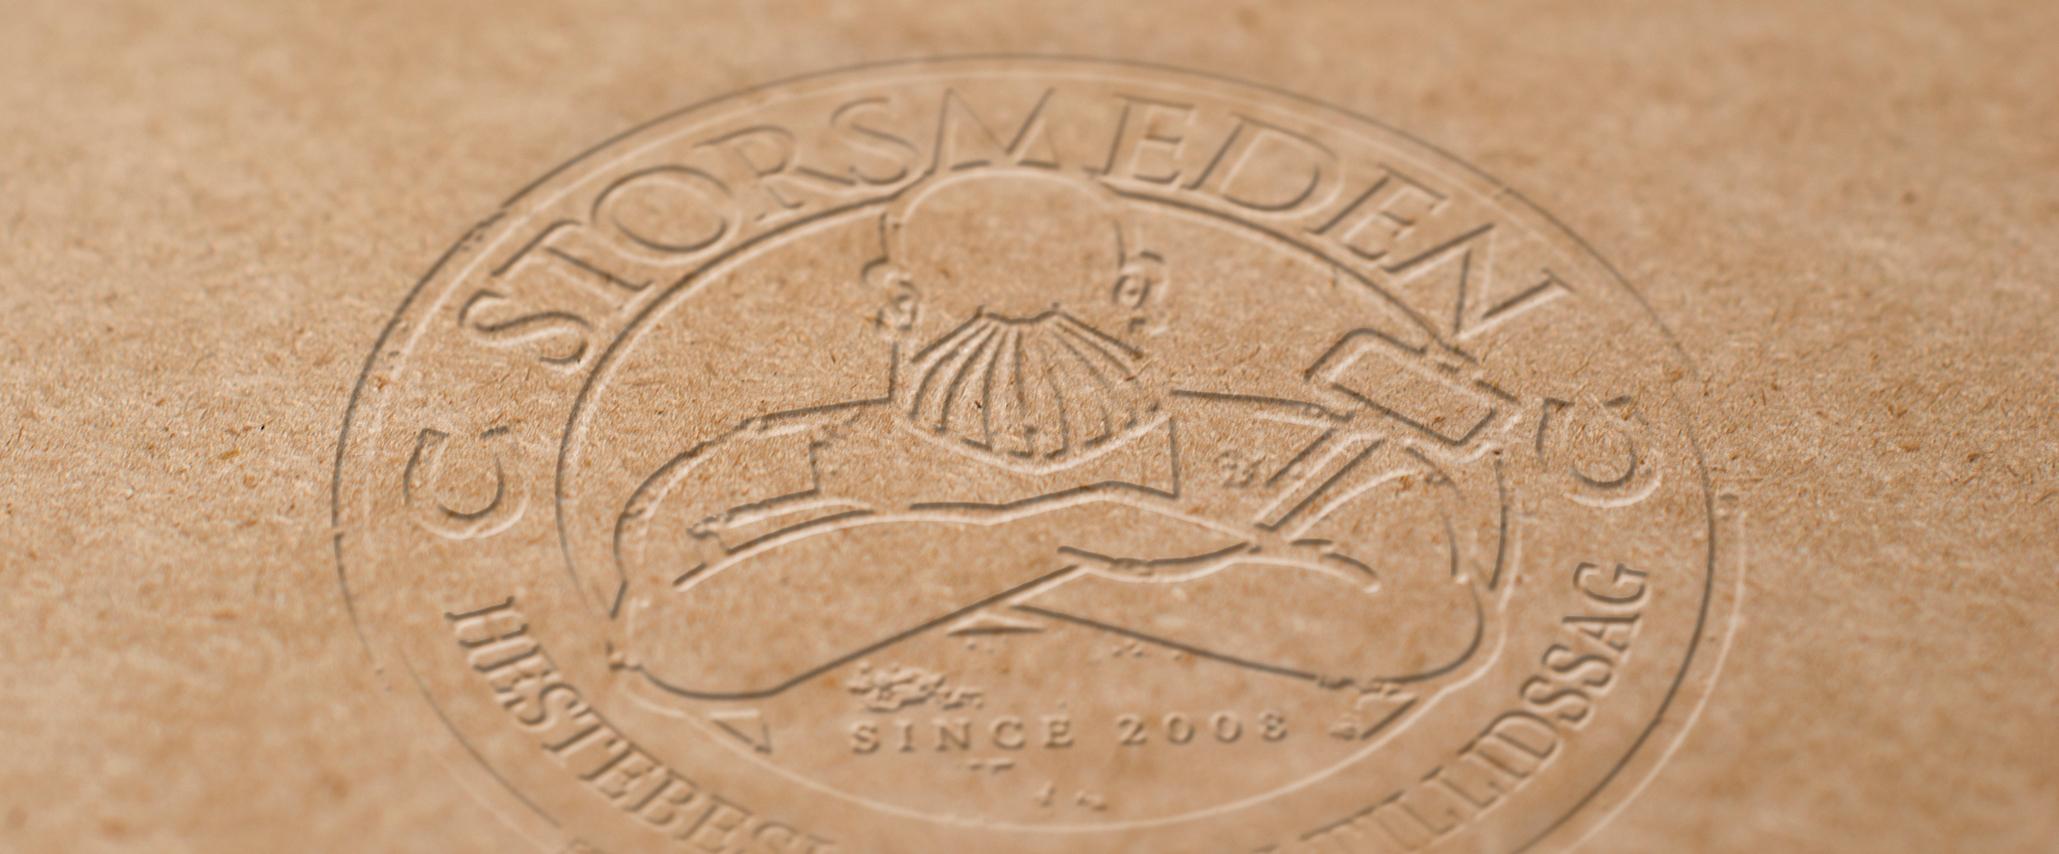 Storsmeden Logodesign - Design: Tegnestuen Undertryk